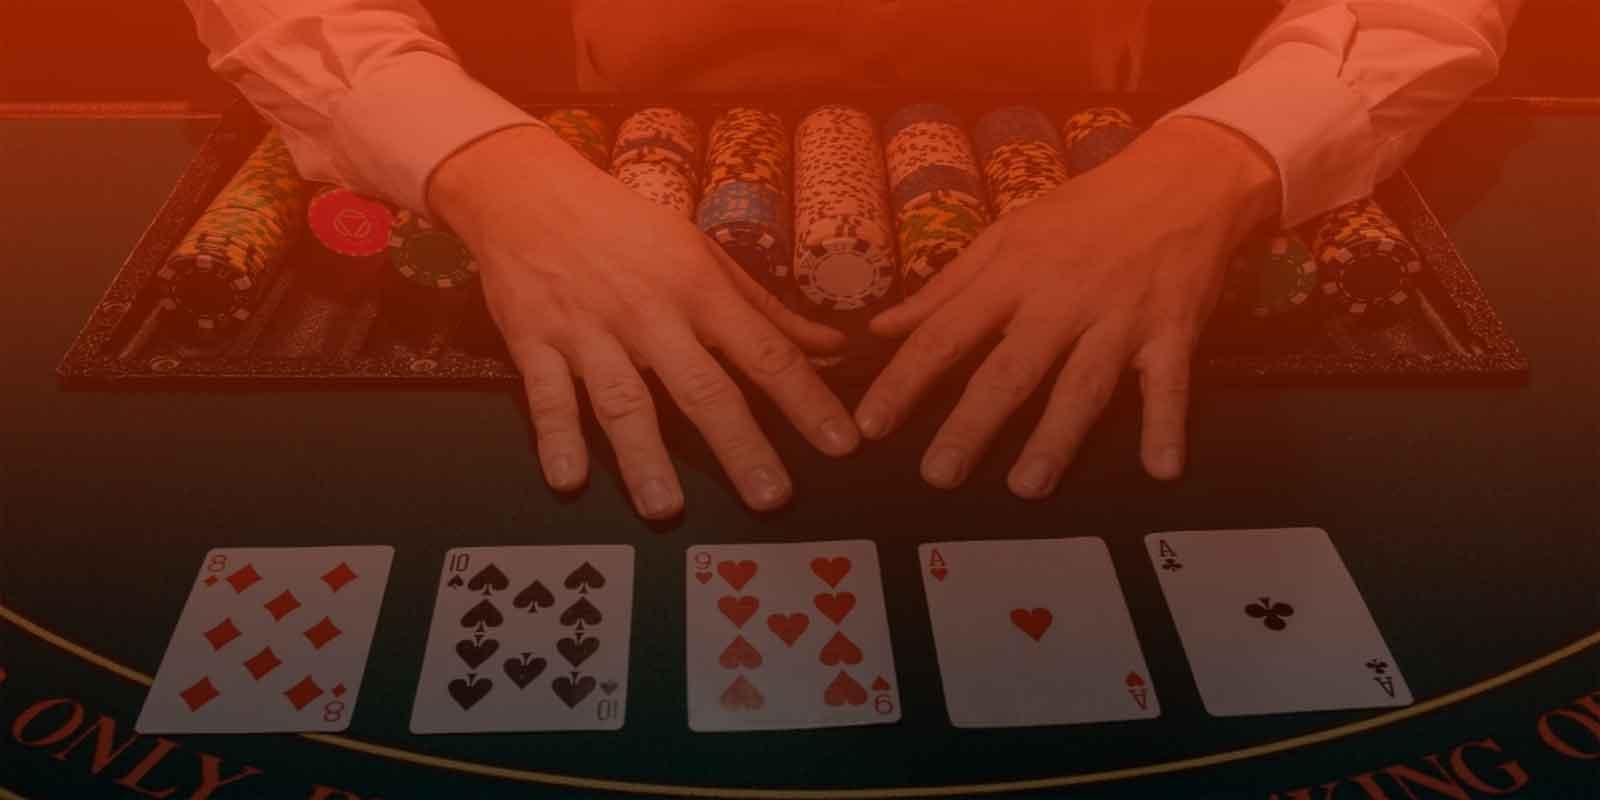 Meraih Kemenangan Bermain Poker Online dengan Trik yang Jitu